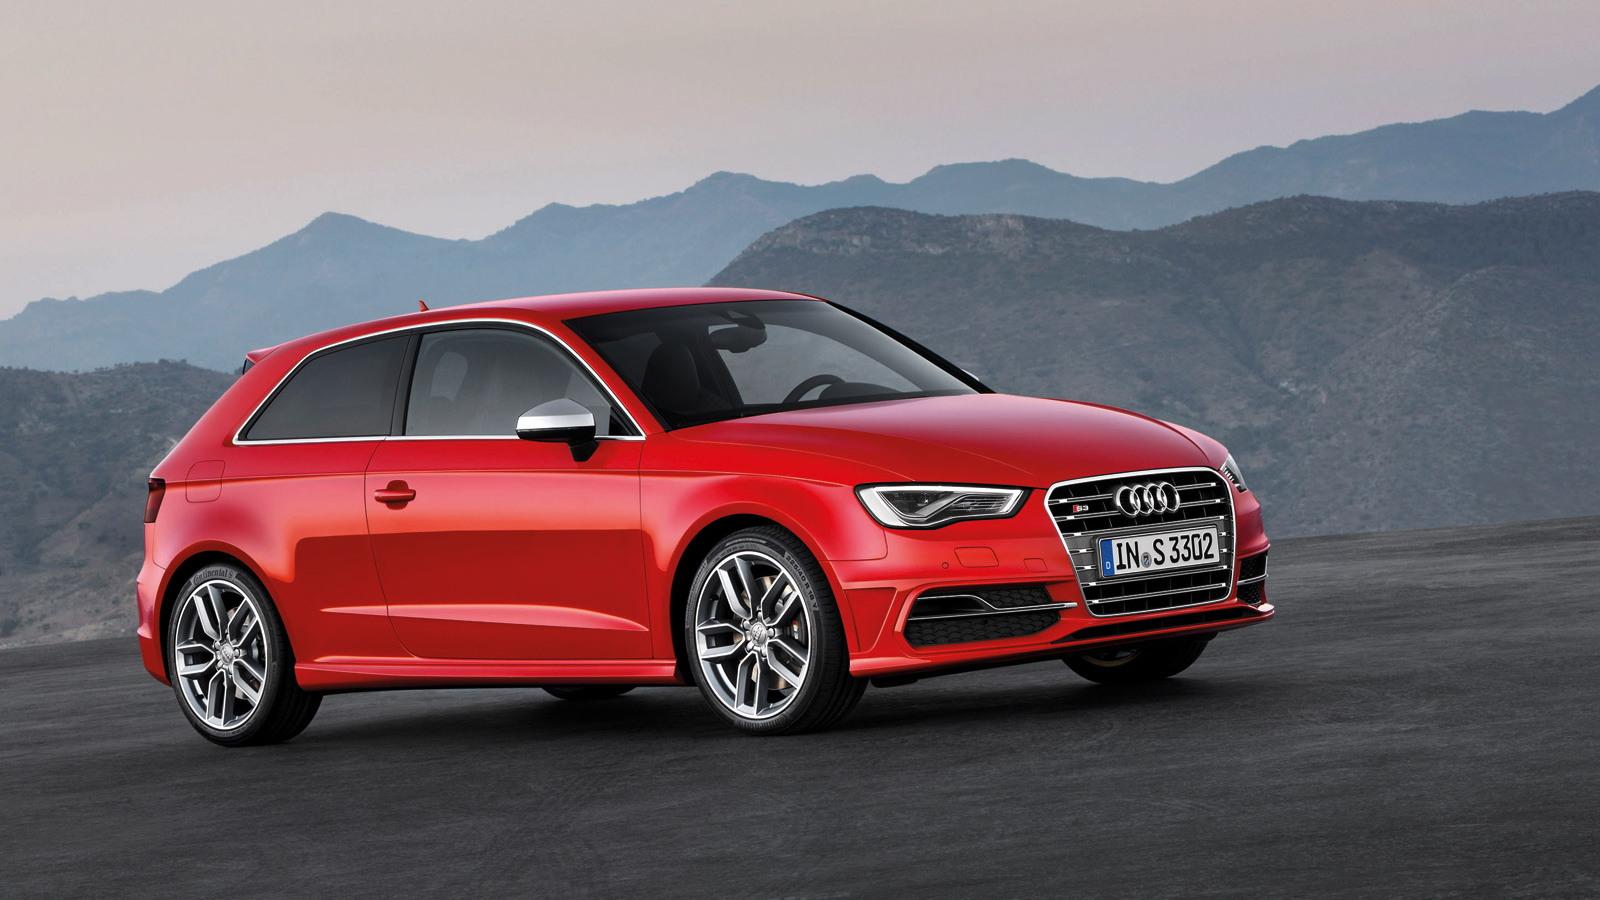 2014 Audi S3 Hatchback